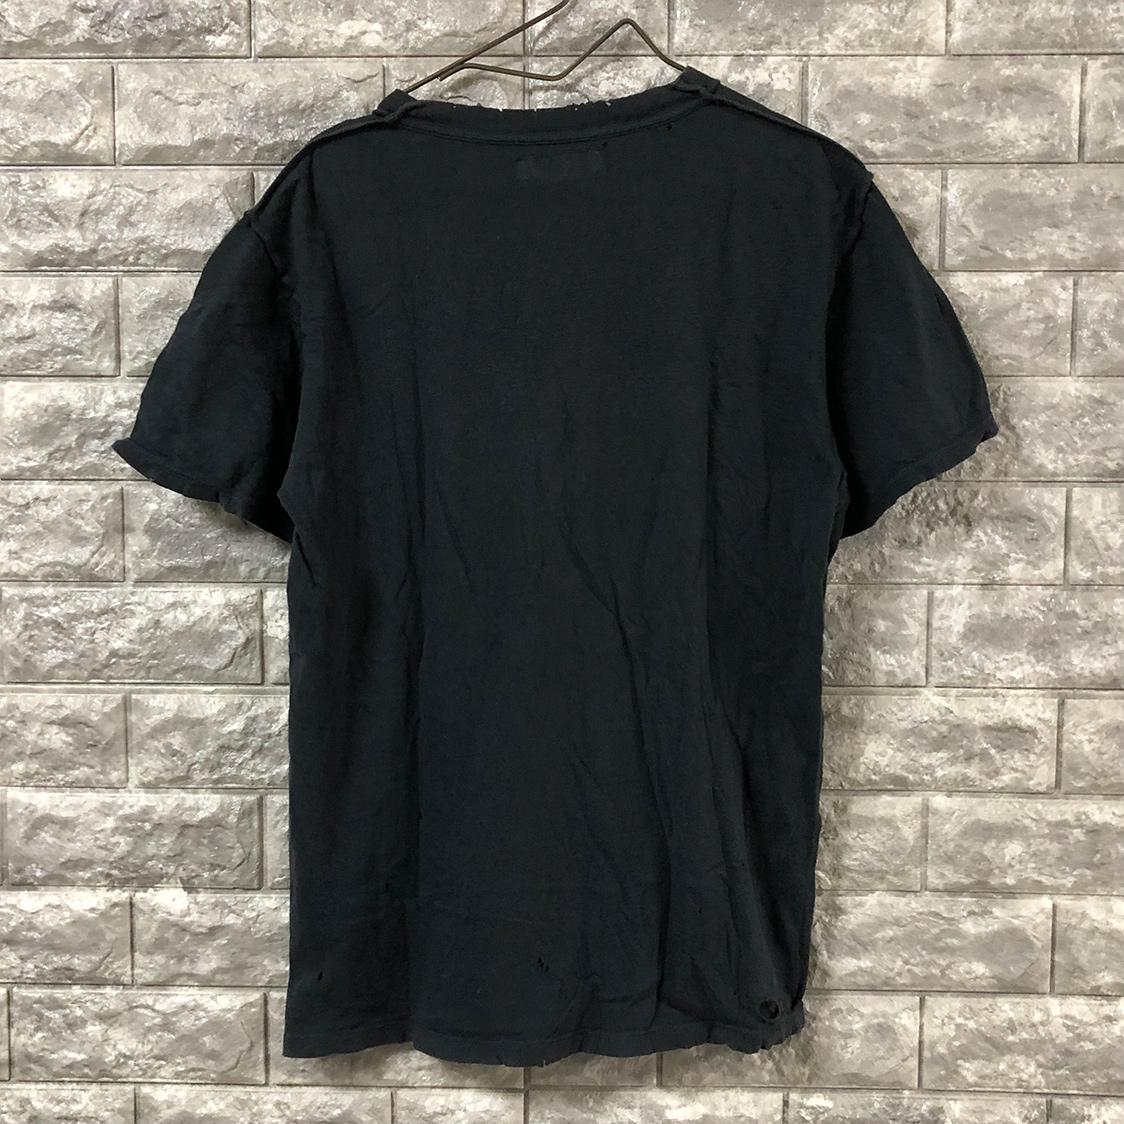 UNUSED アンユーズド【Mサイズ】クラッシュ加工 Tシャツ カットソー ブラック ビッグシルエット